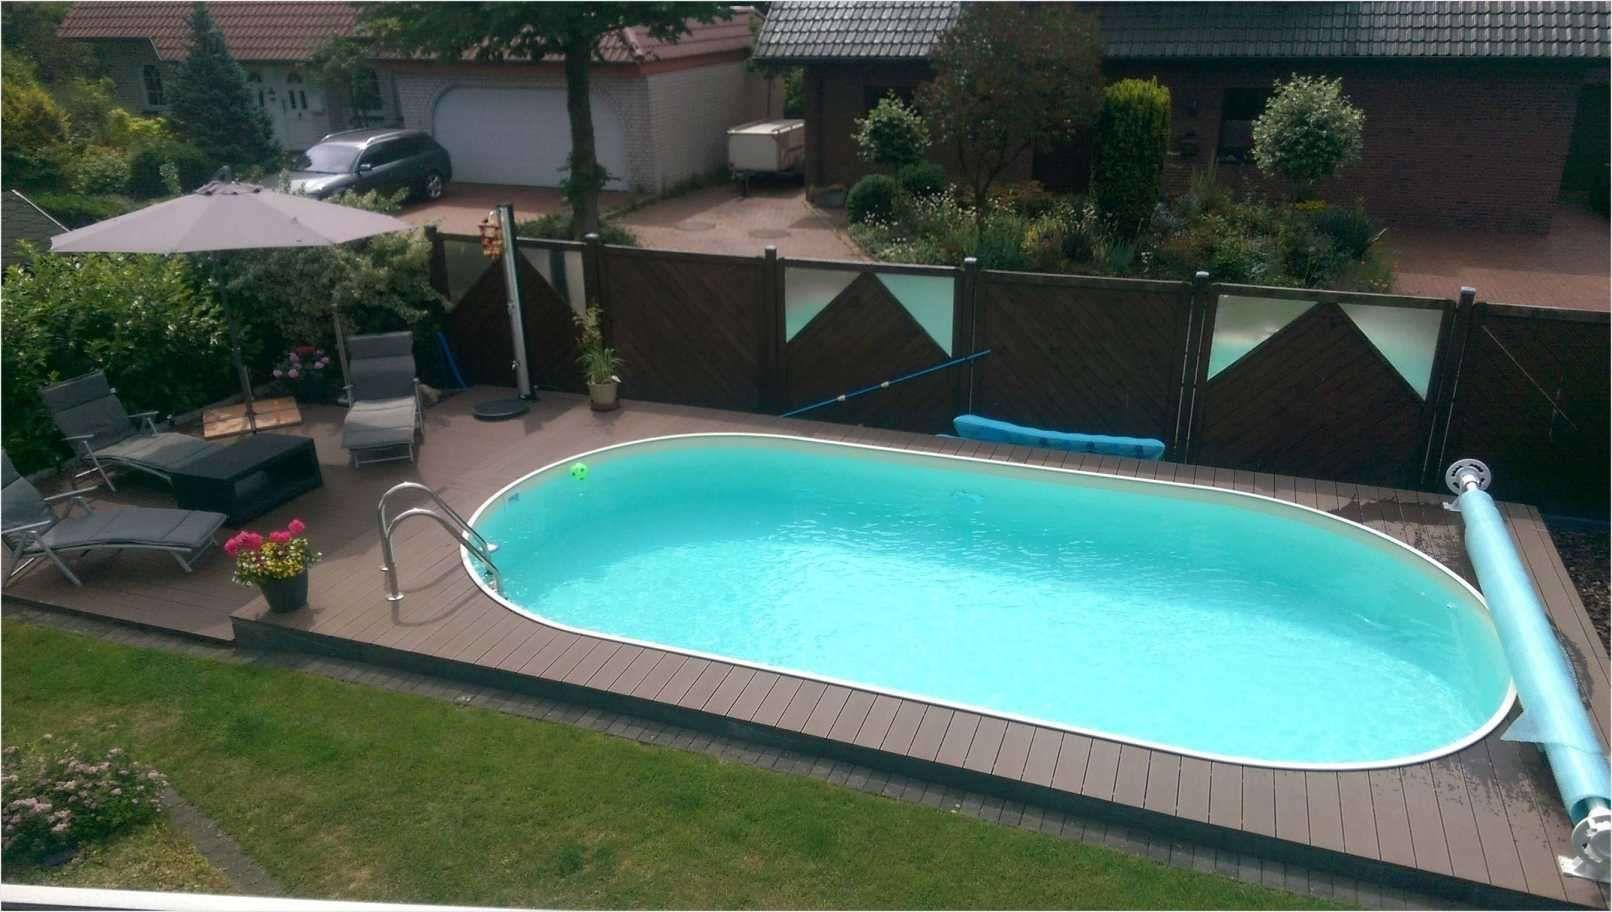 38 Inspirierend Schwimmingpool Für Garten Build your own